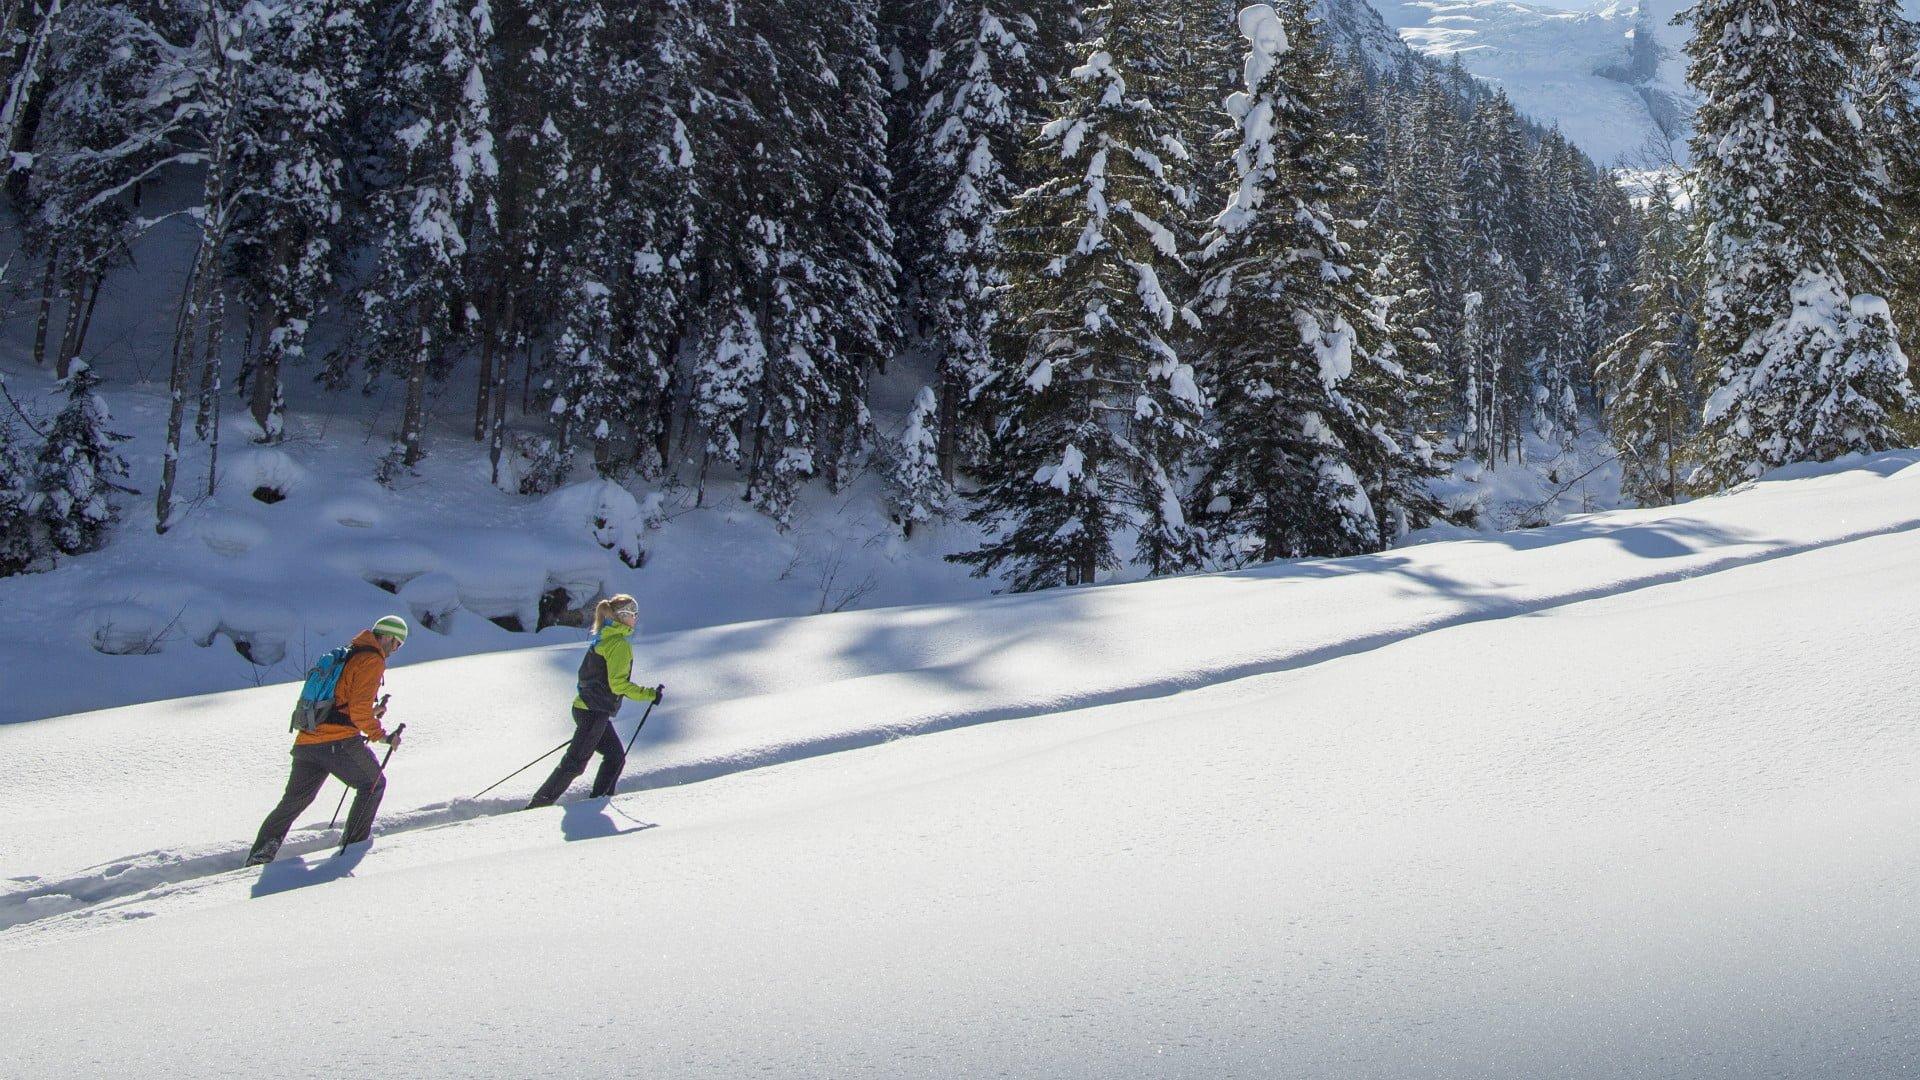 Unterwegs mit den Schneeschuhen durch die verschneite Winterlandschaft.